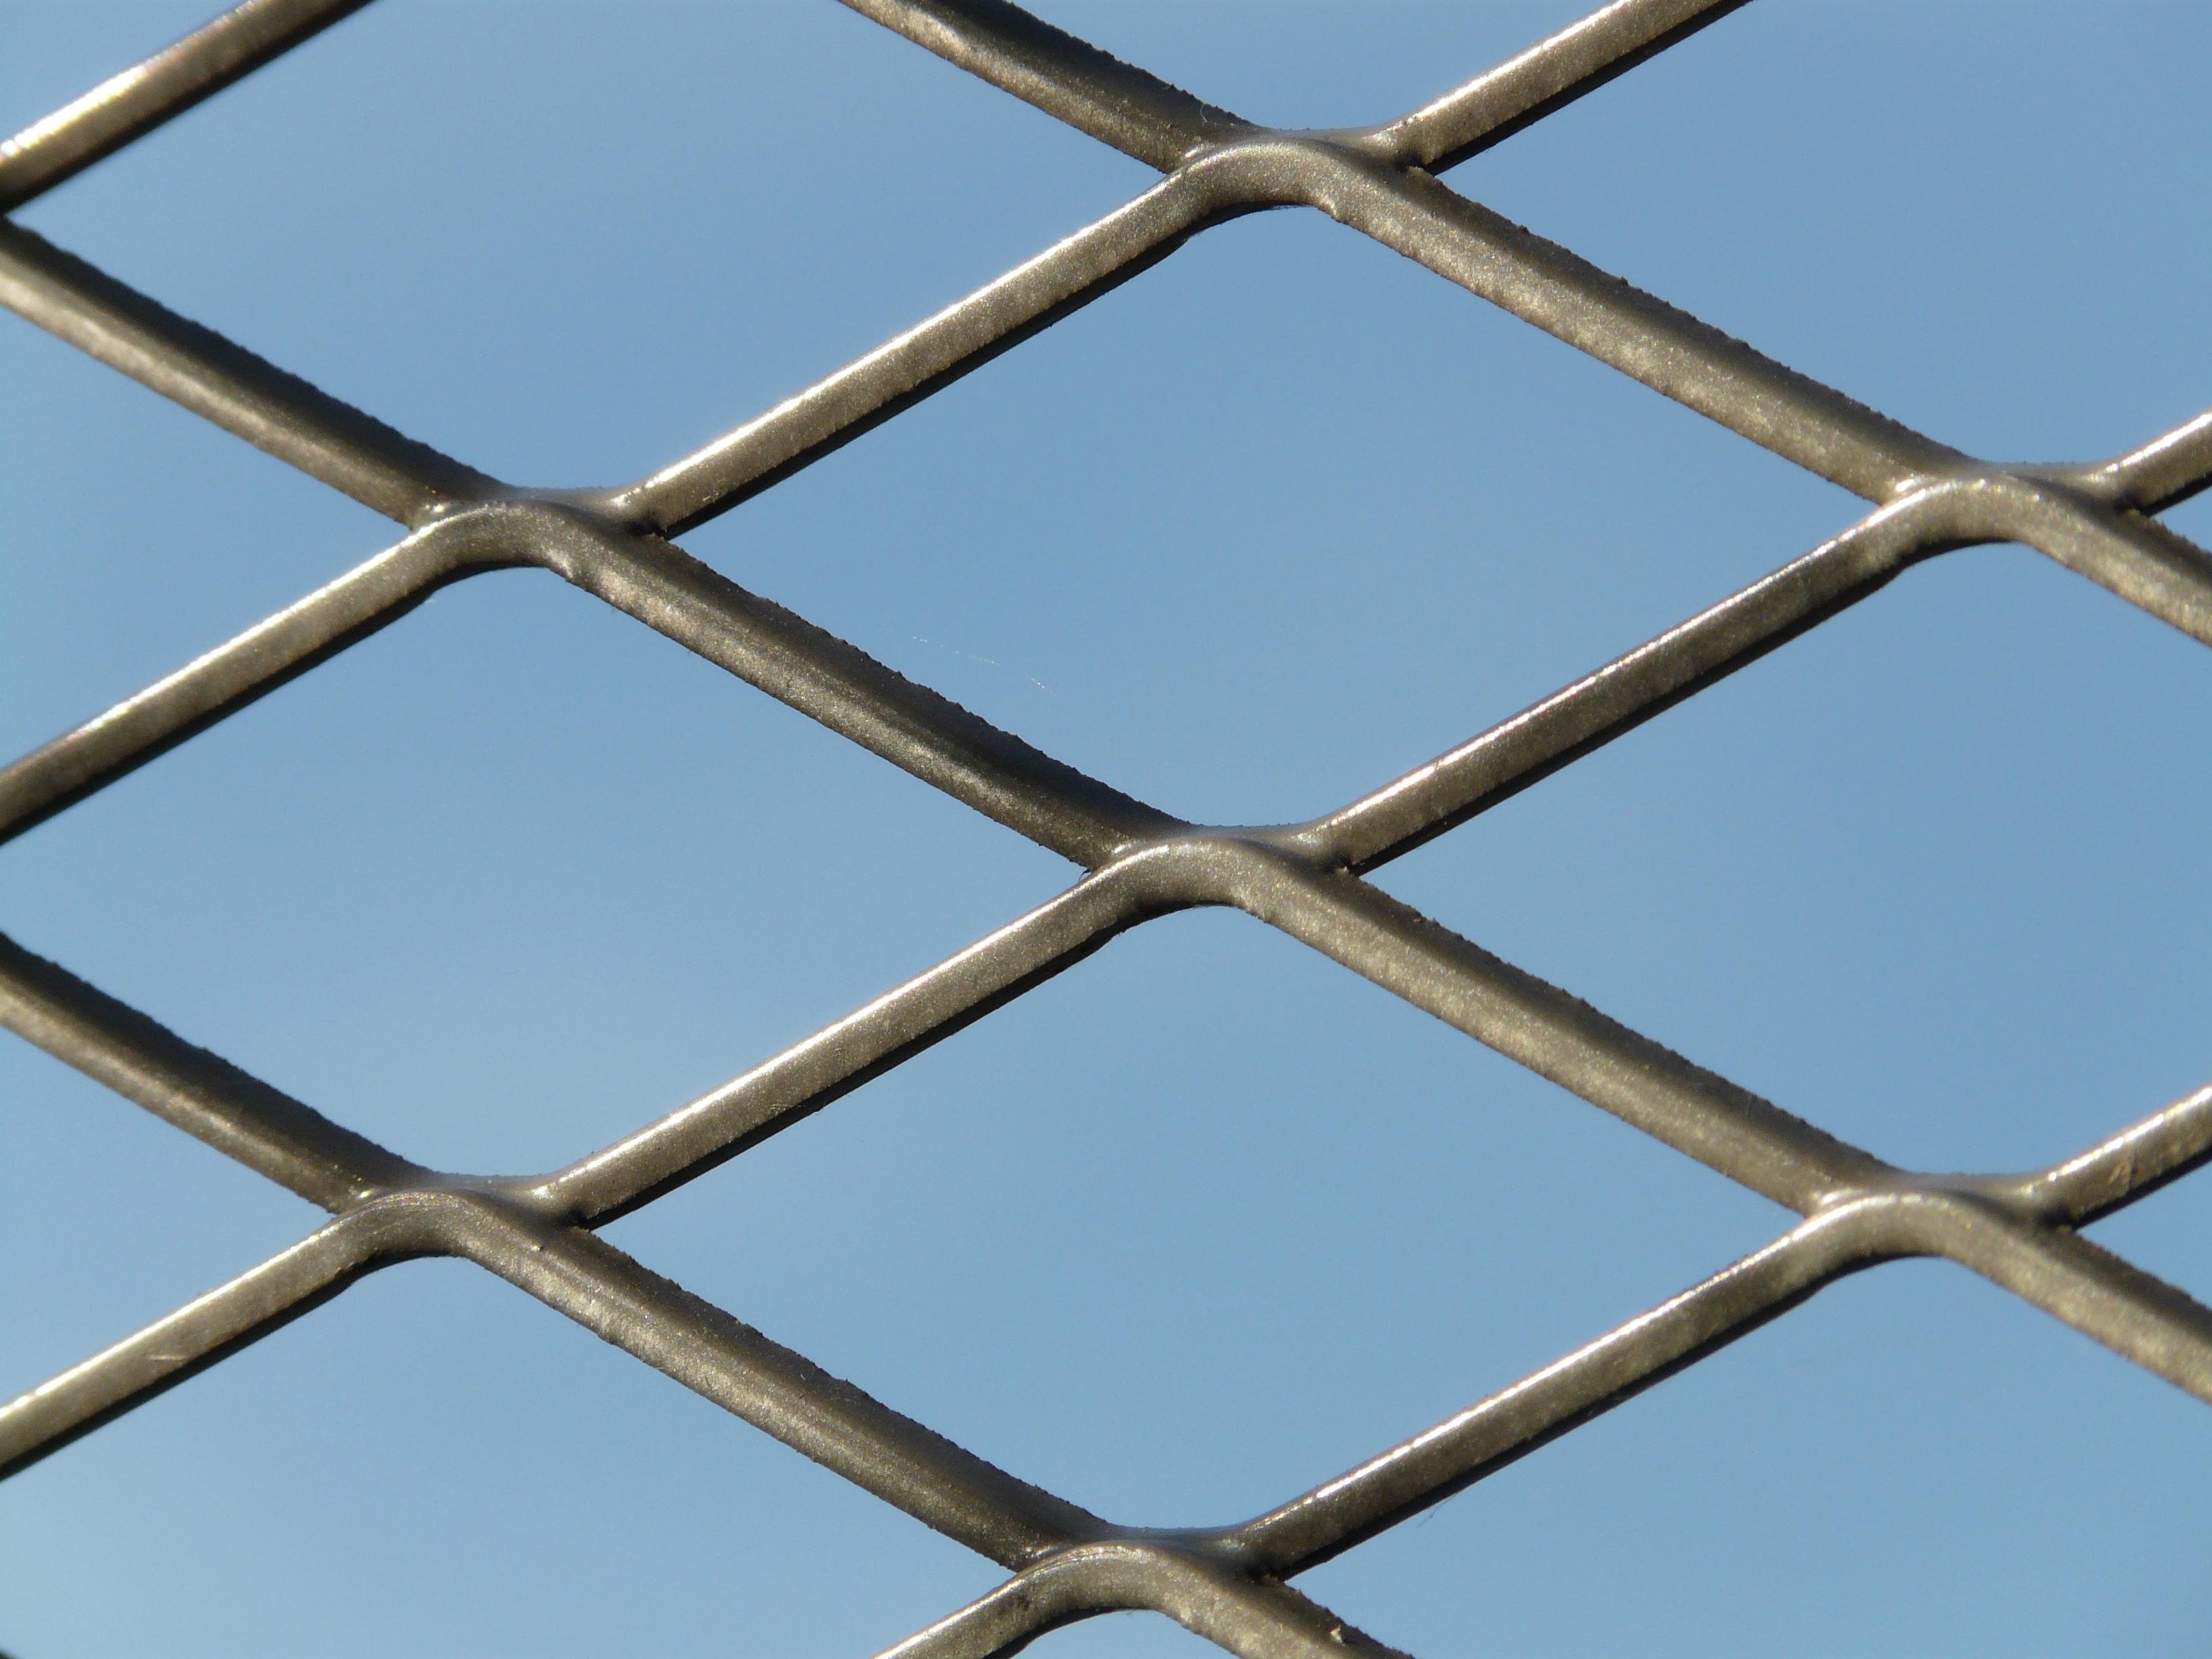 무료 이미지 : 분기, 울타리, 창문, 선, 금속, 바, 그물, 대칭 ...